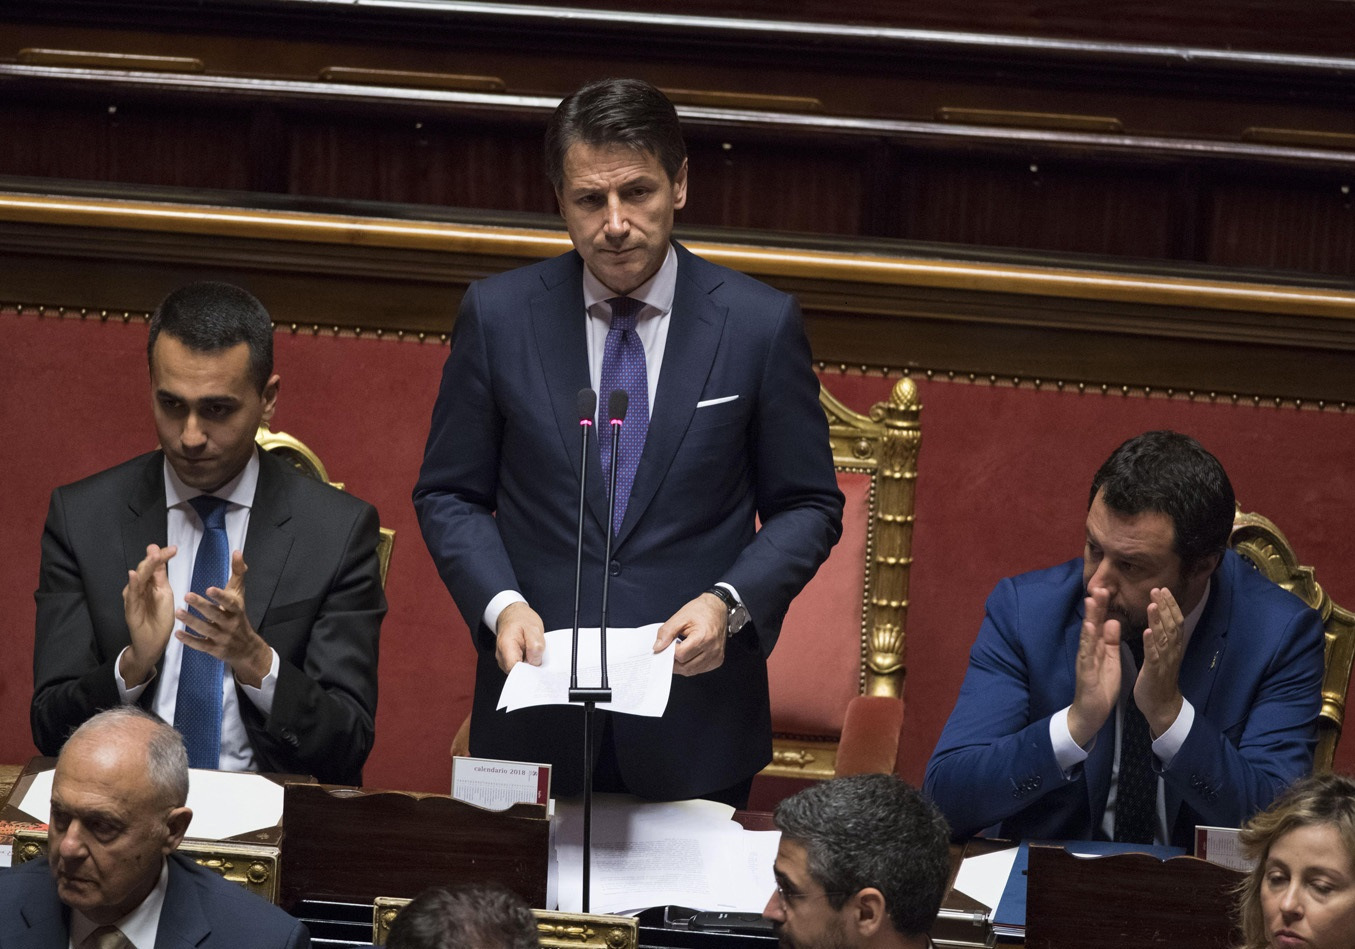 Il governo del premier conte ottiene la fiducia anche for In diretta dalla camera dei deputati